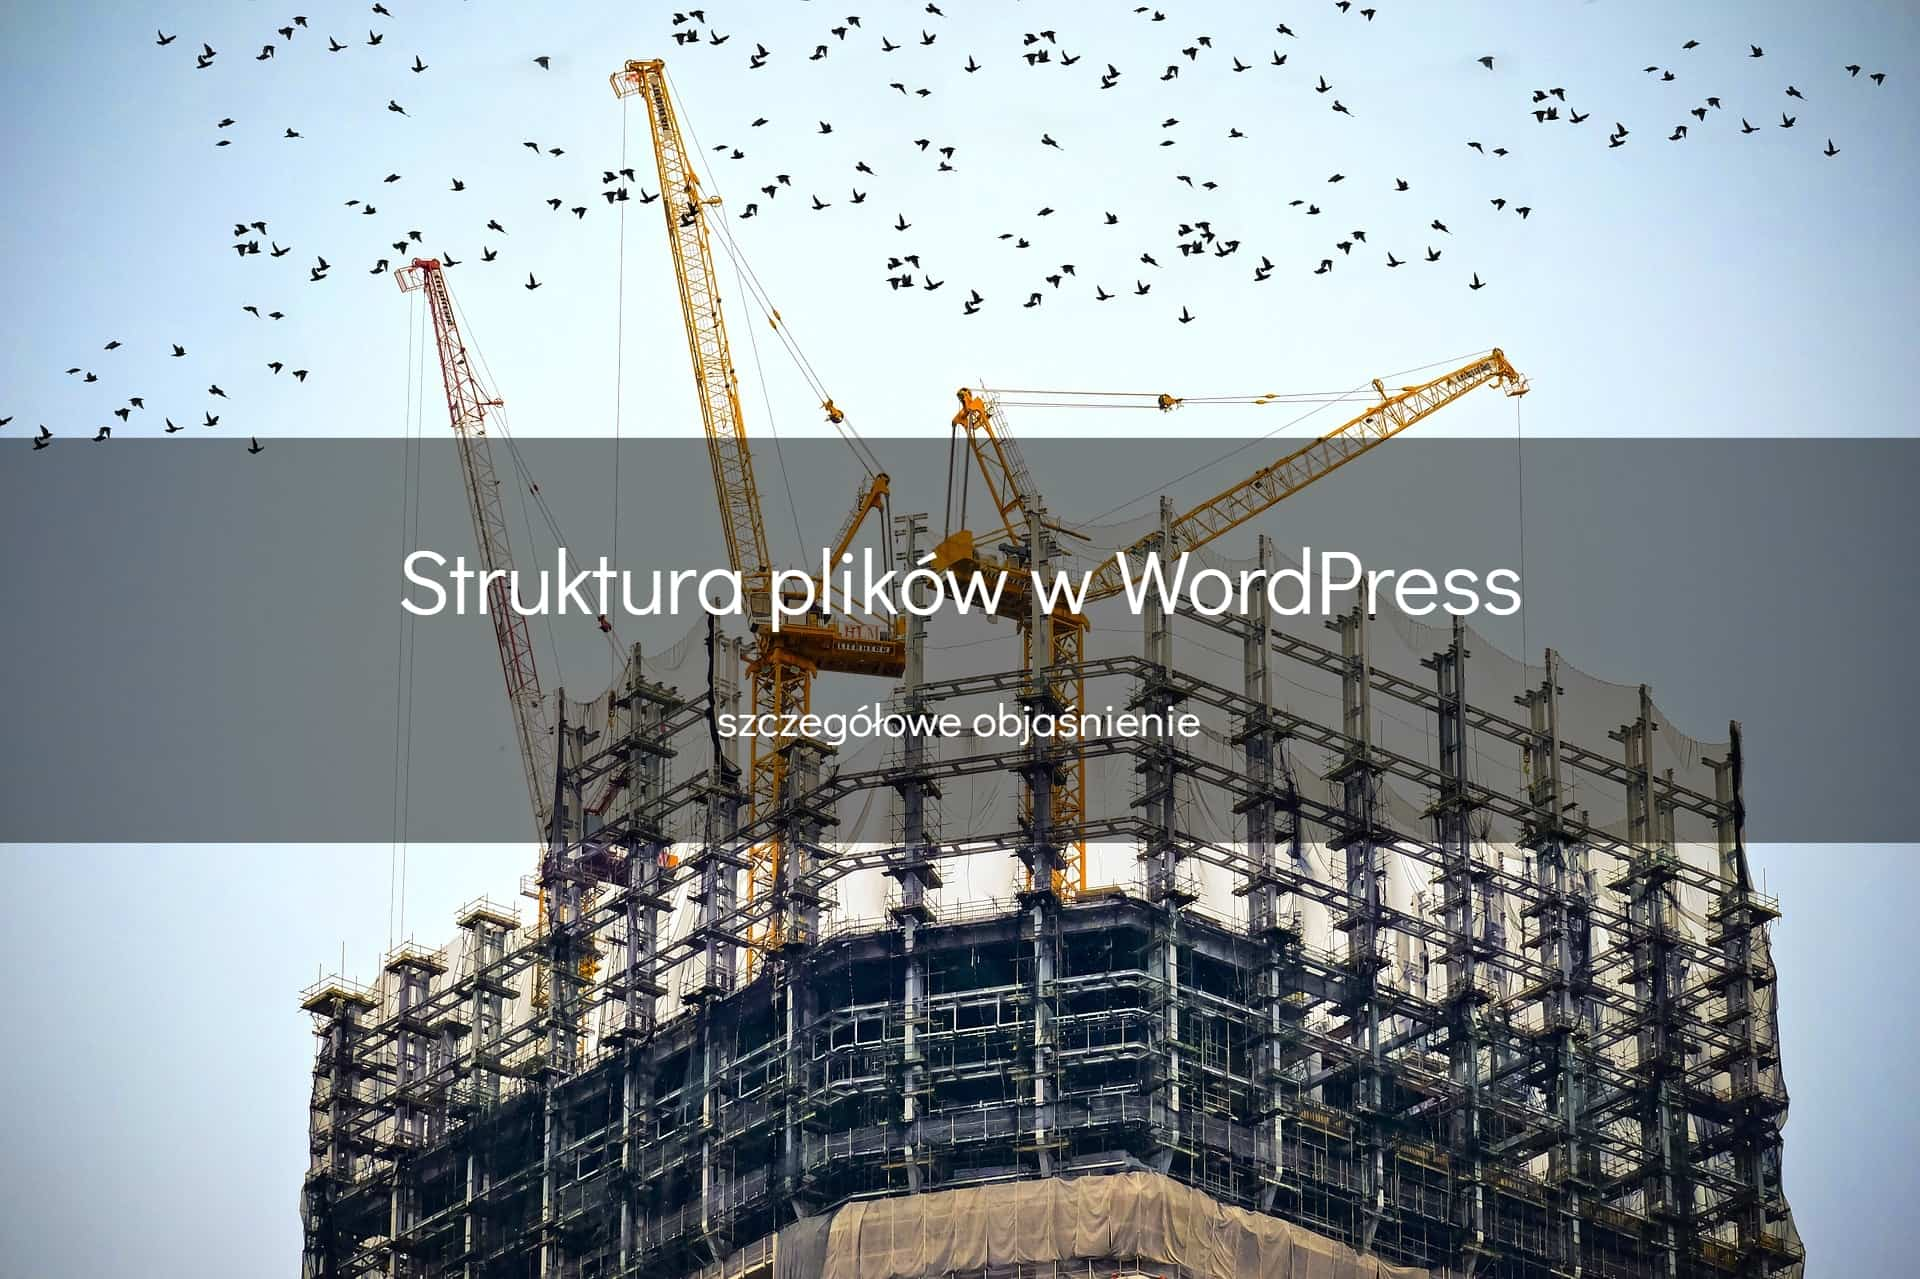 Struktura plików wWordPress